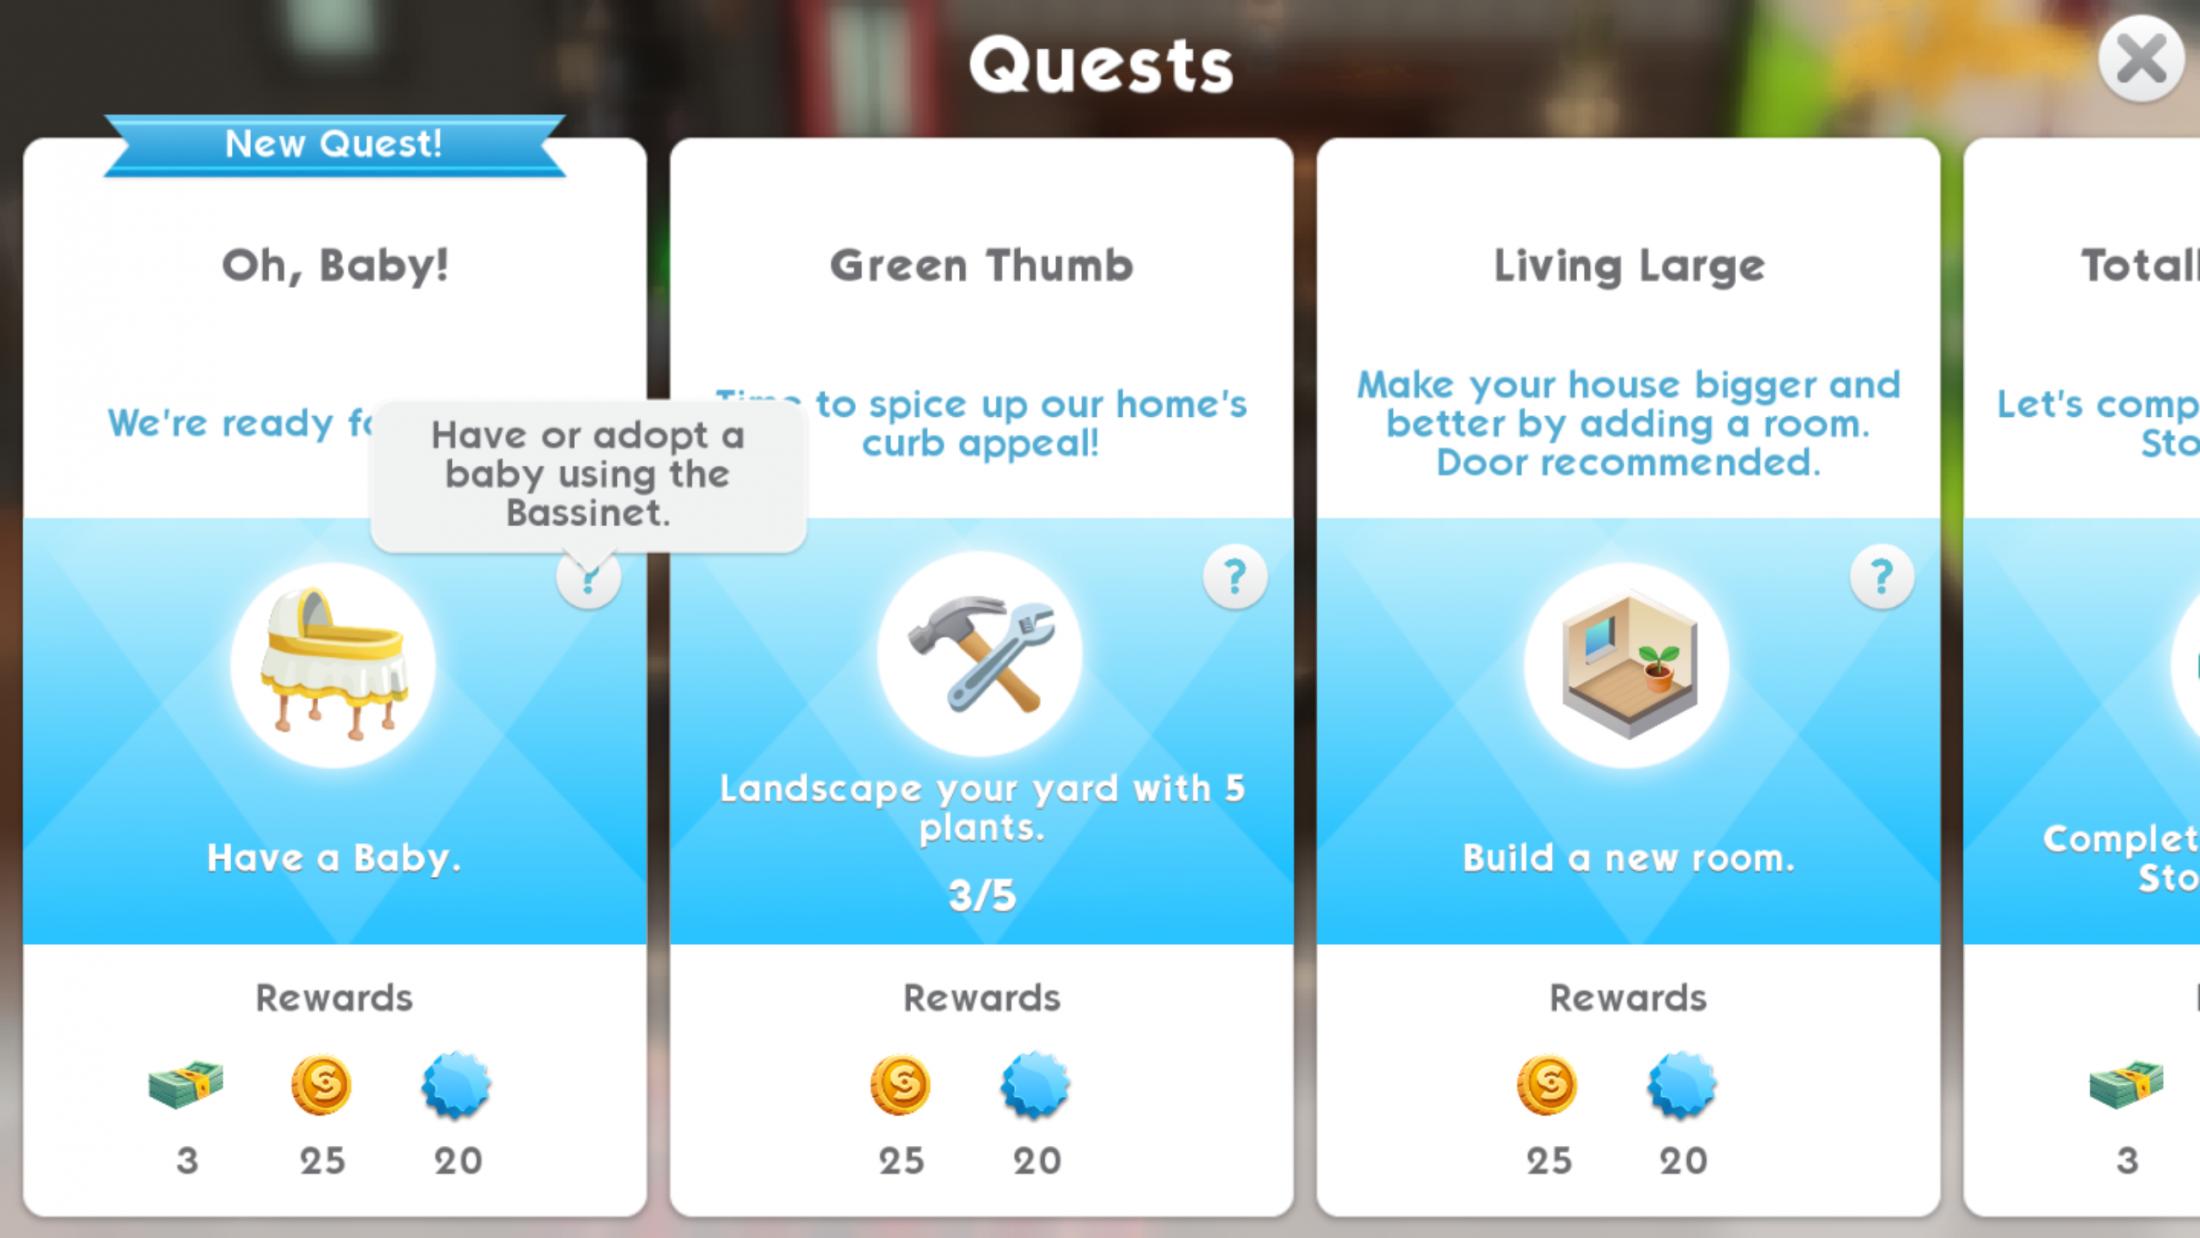 44 - Follow Up Quest Details